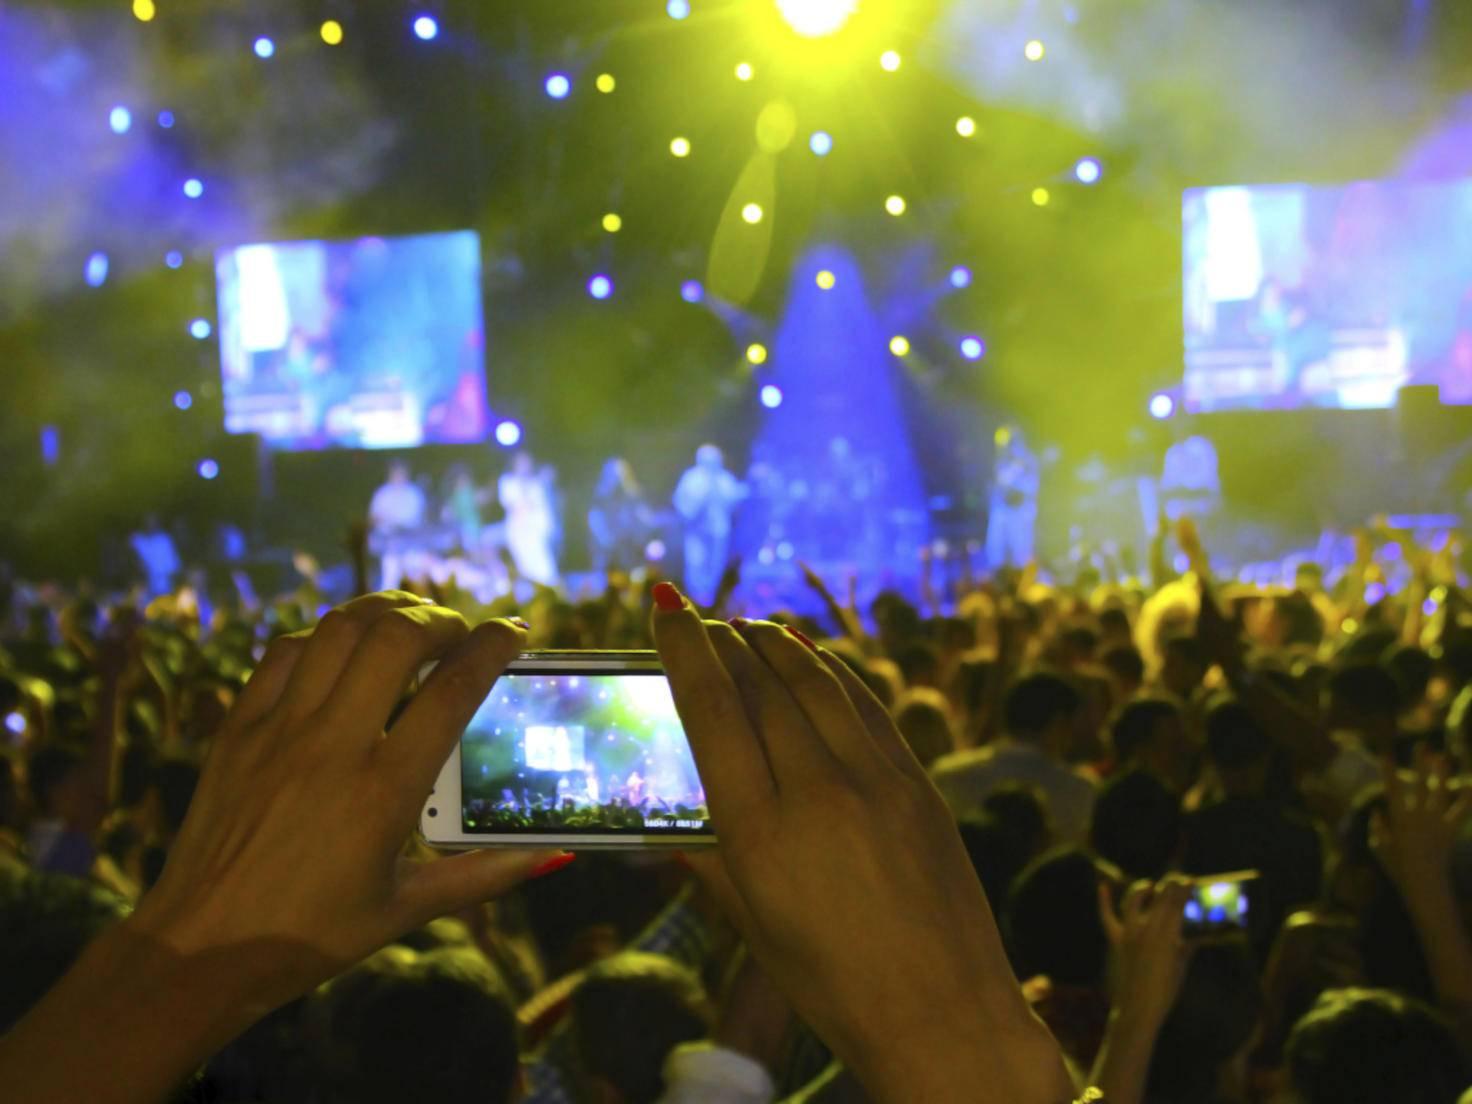 Zeitraffer-Videos mit dem iPhone 6 aufnehmen